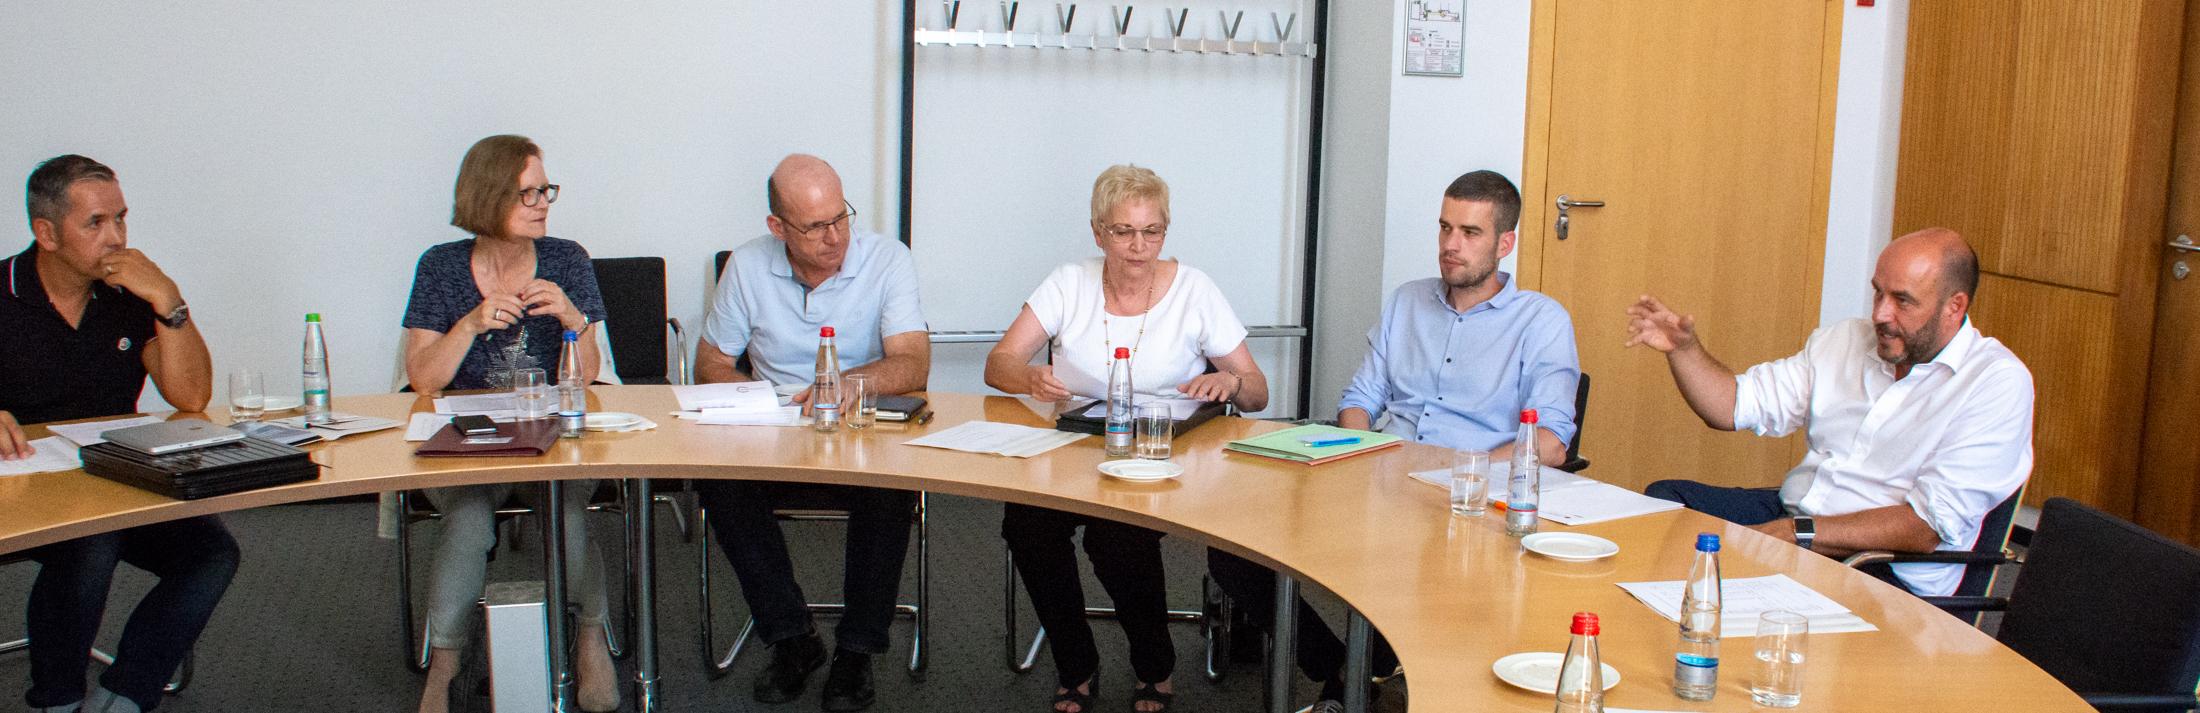 AS-2019-07-23-mitgliederversammlung_0015